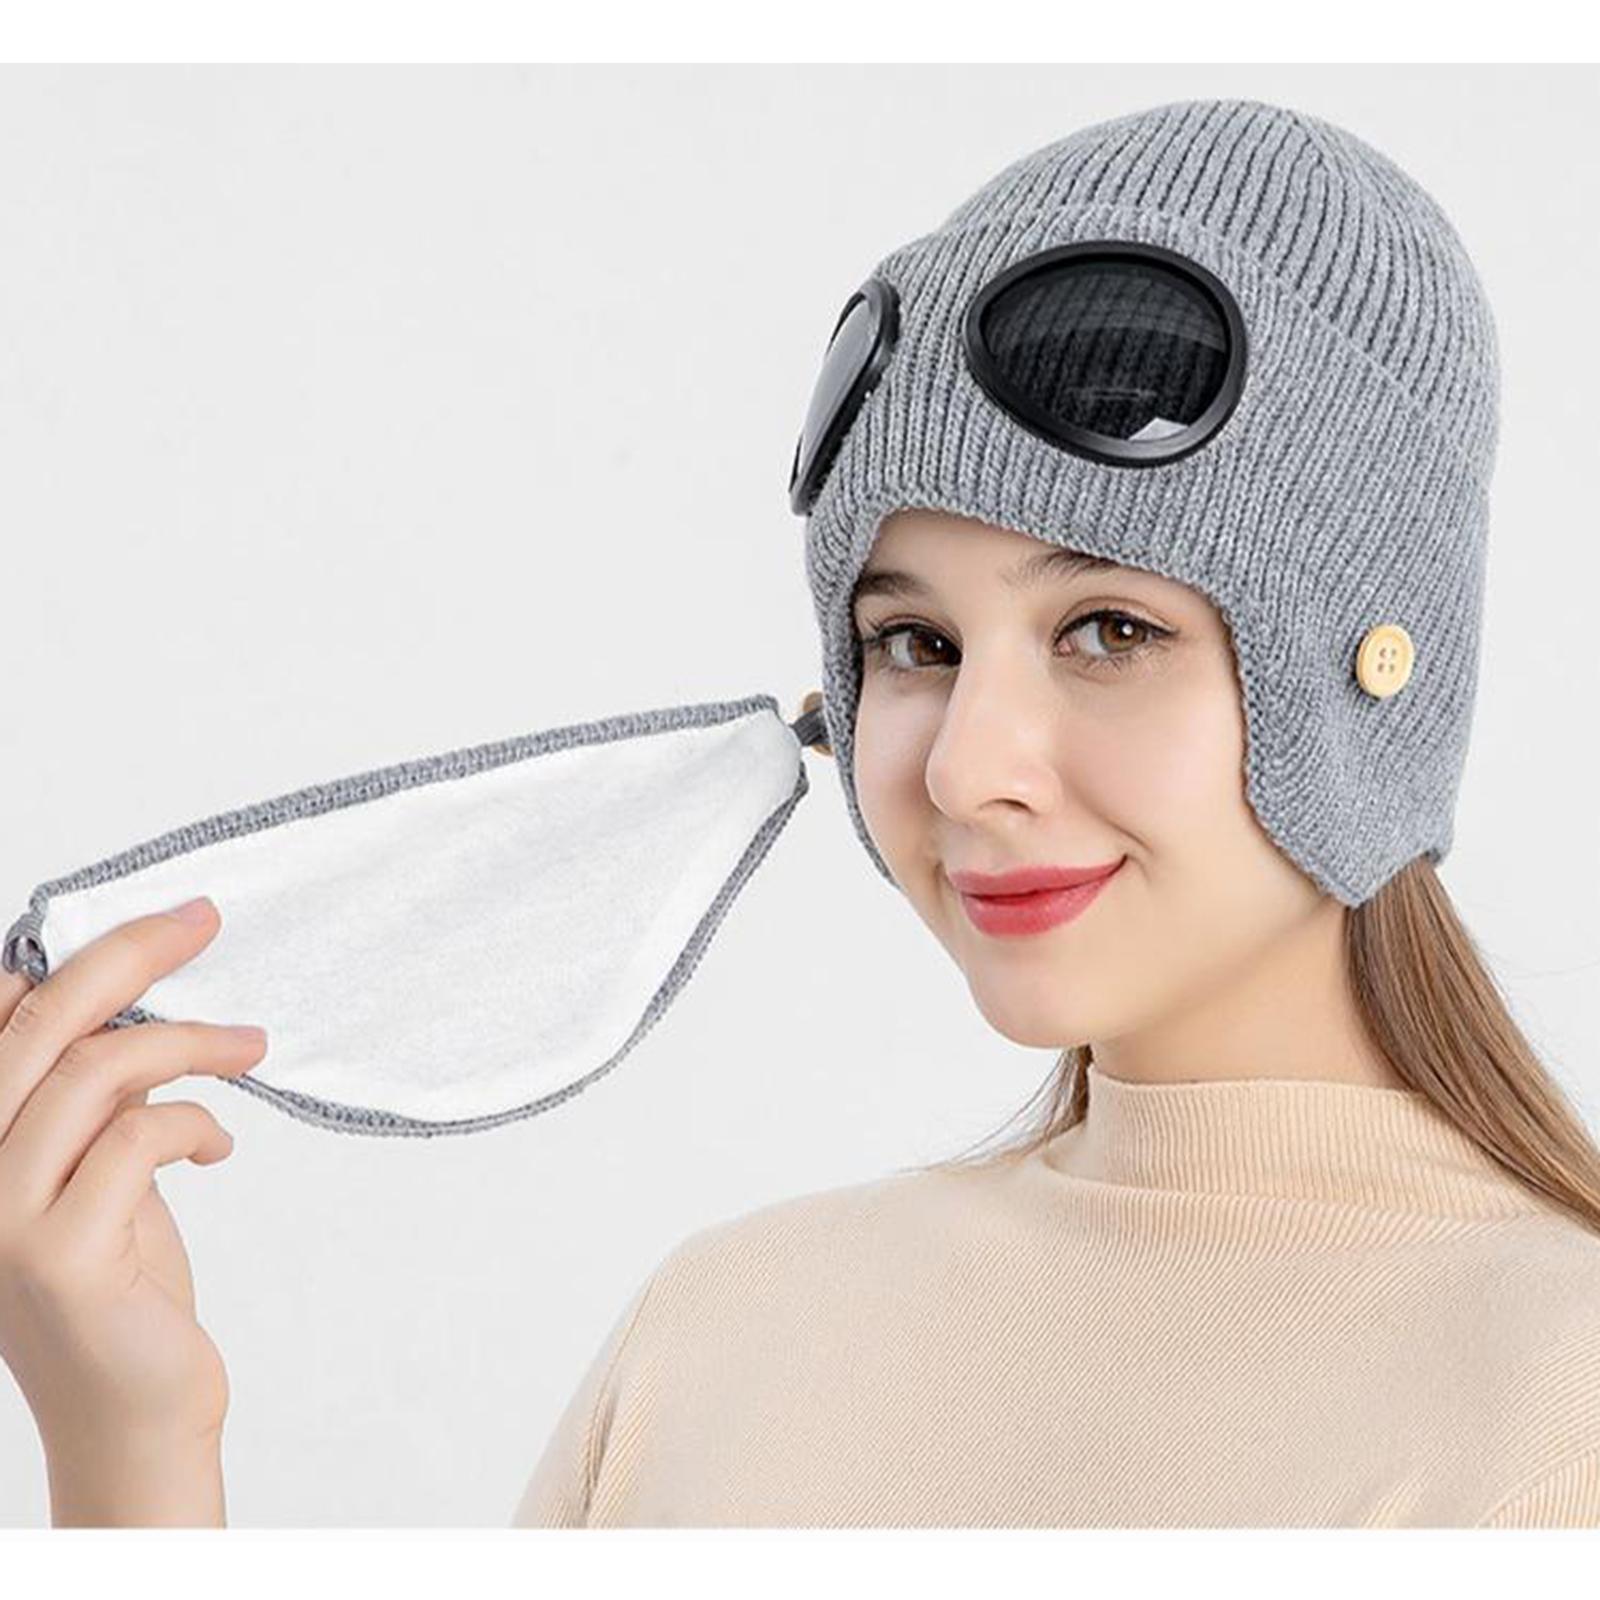 miniature 14 - Masque de tête de visage hiver bonnet chaud avec lunettes casquette d'oreille